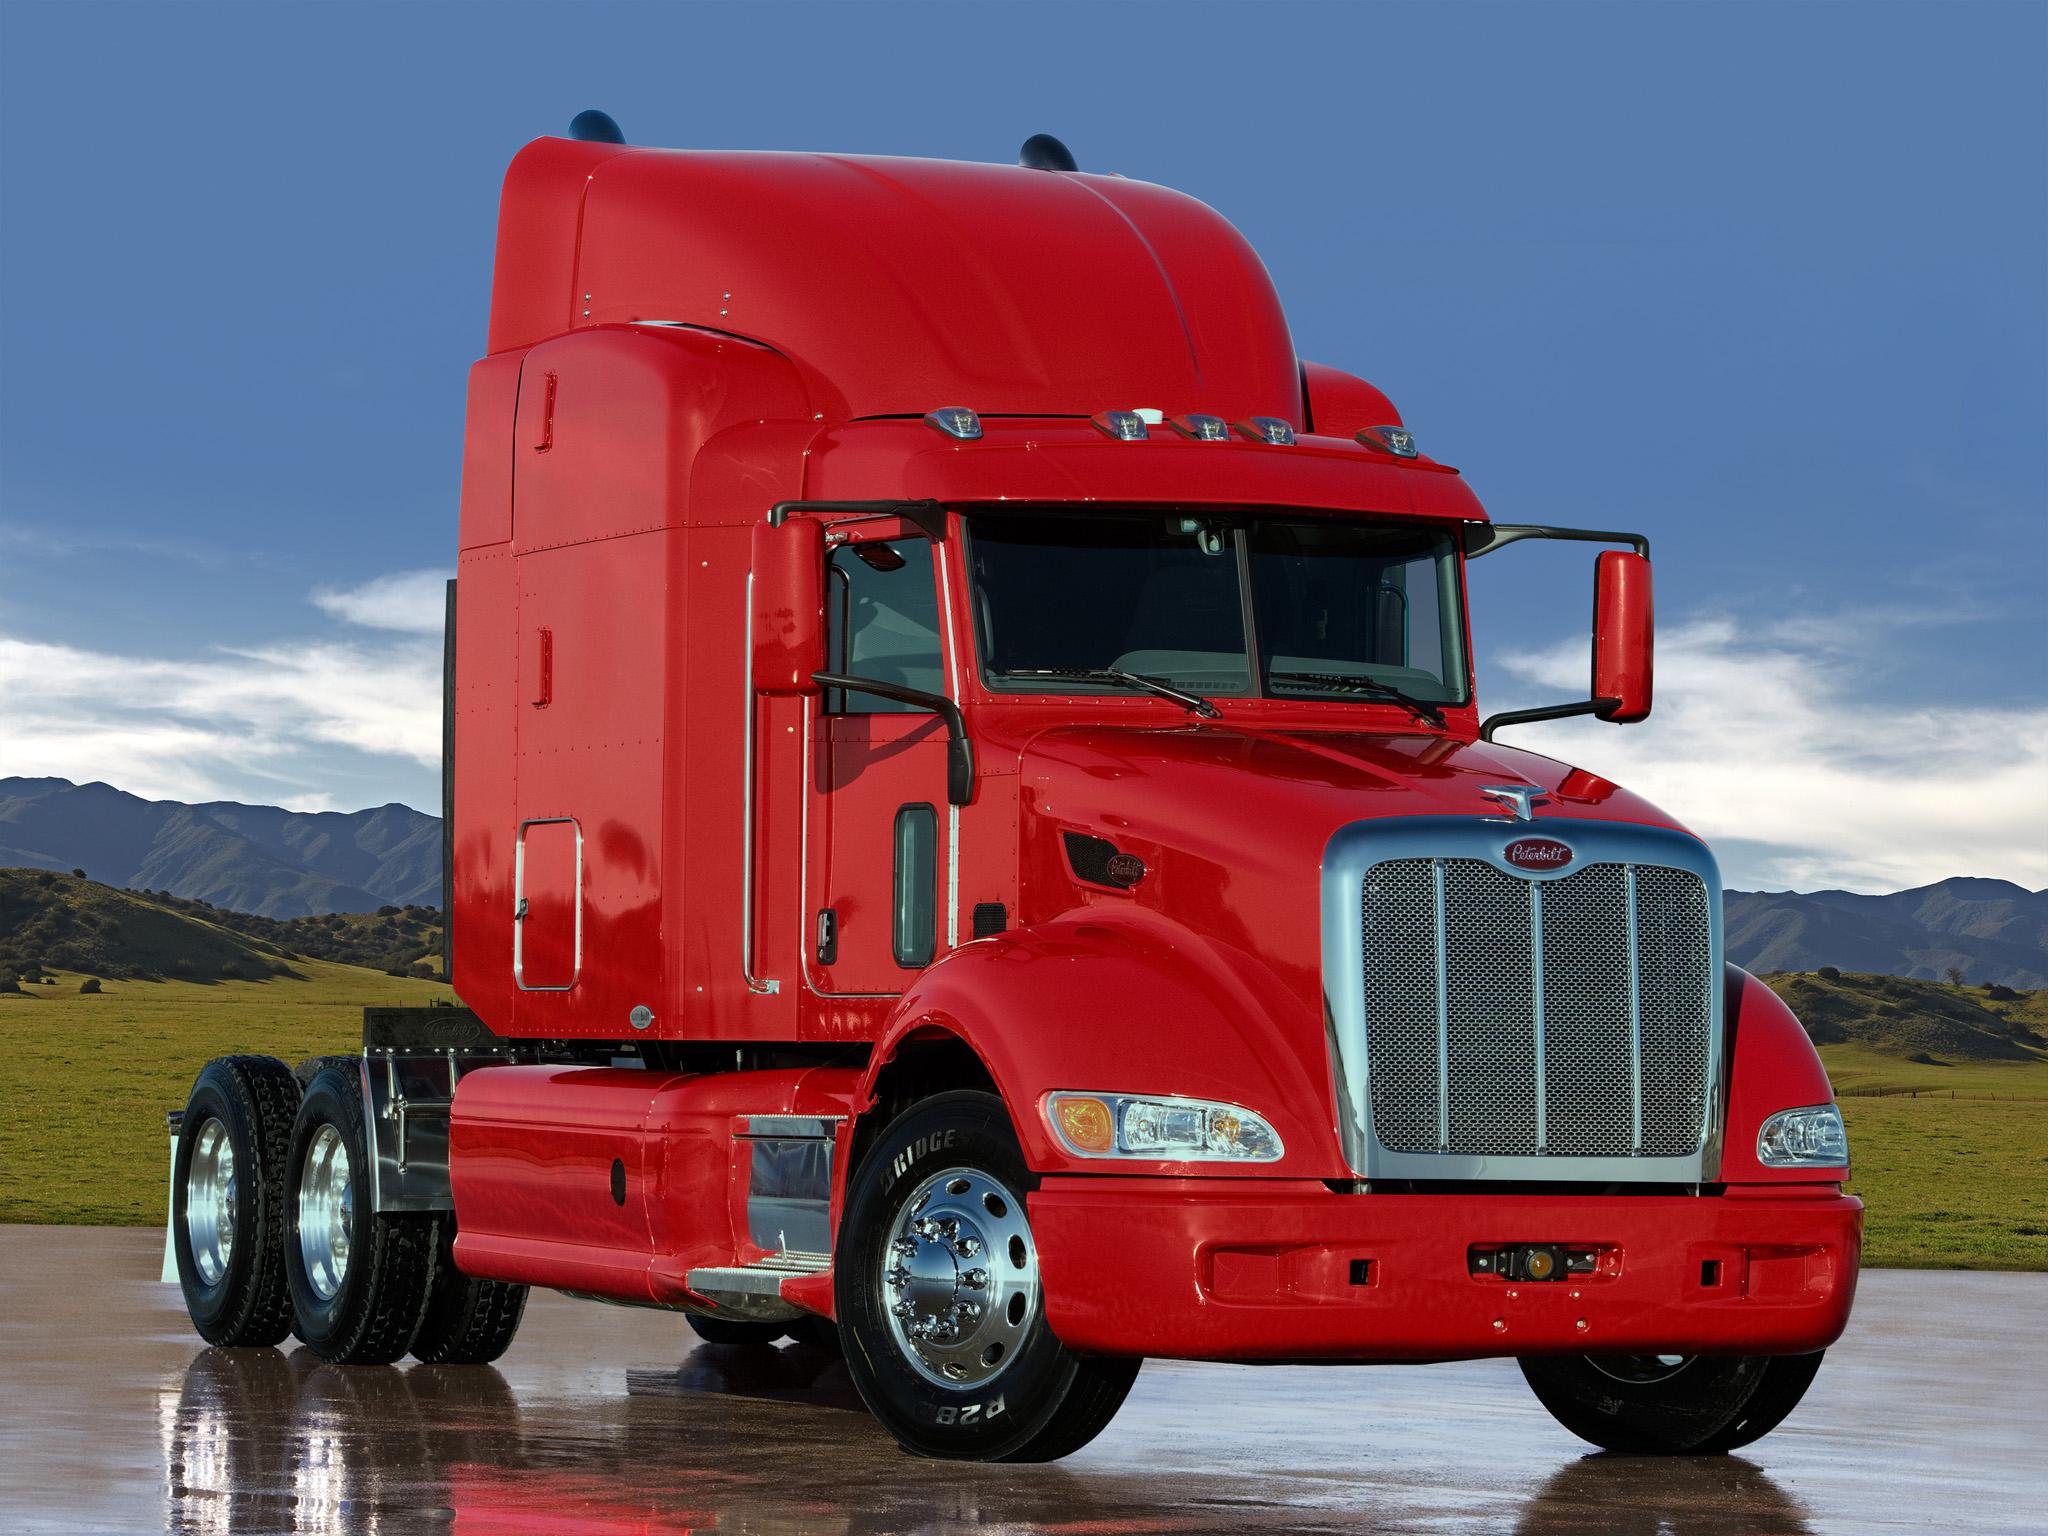 2005 peterbilt 386 tractor semi truck transport rig rigs f wallpaper 2048x1536 115266. Black Bedroom Furniture Sets. Home Design Ideas